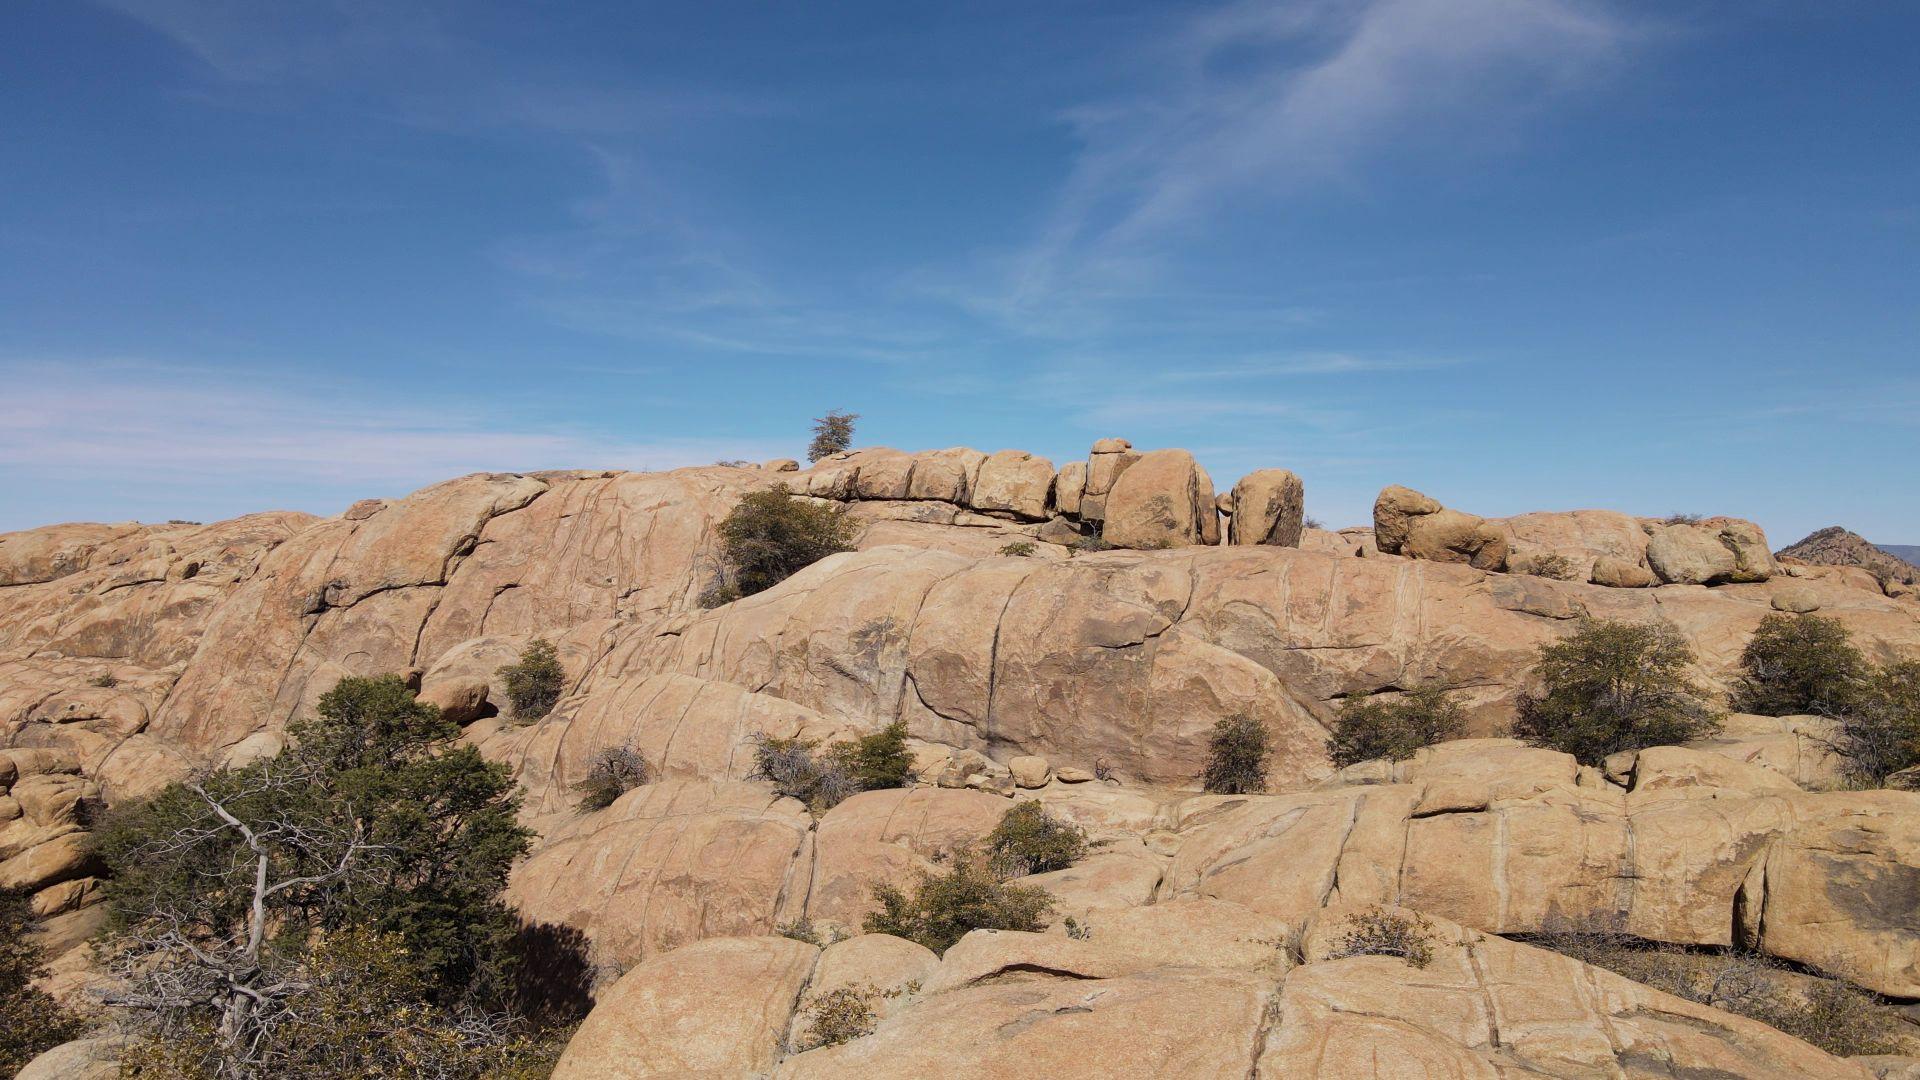 Scenery of Granite Dells